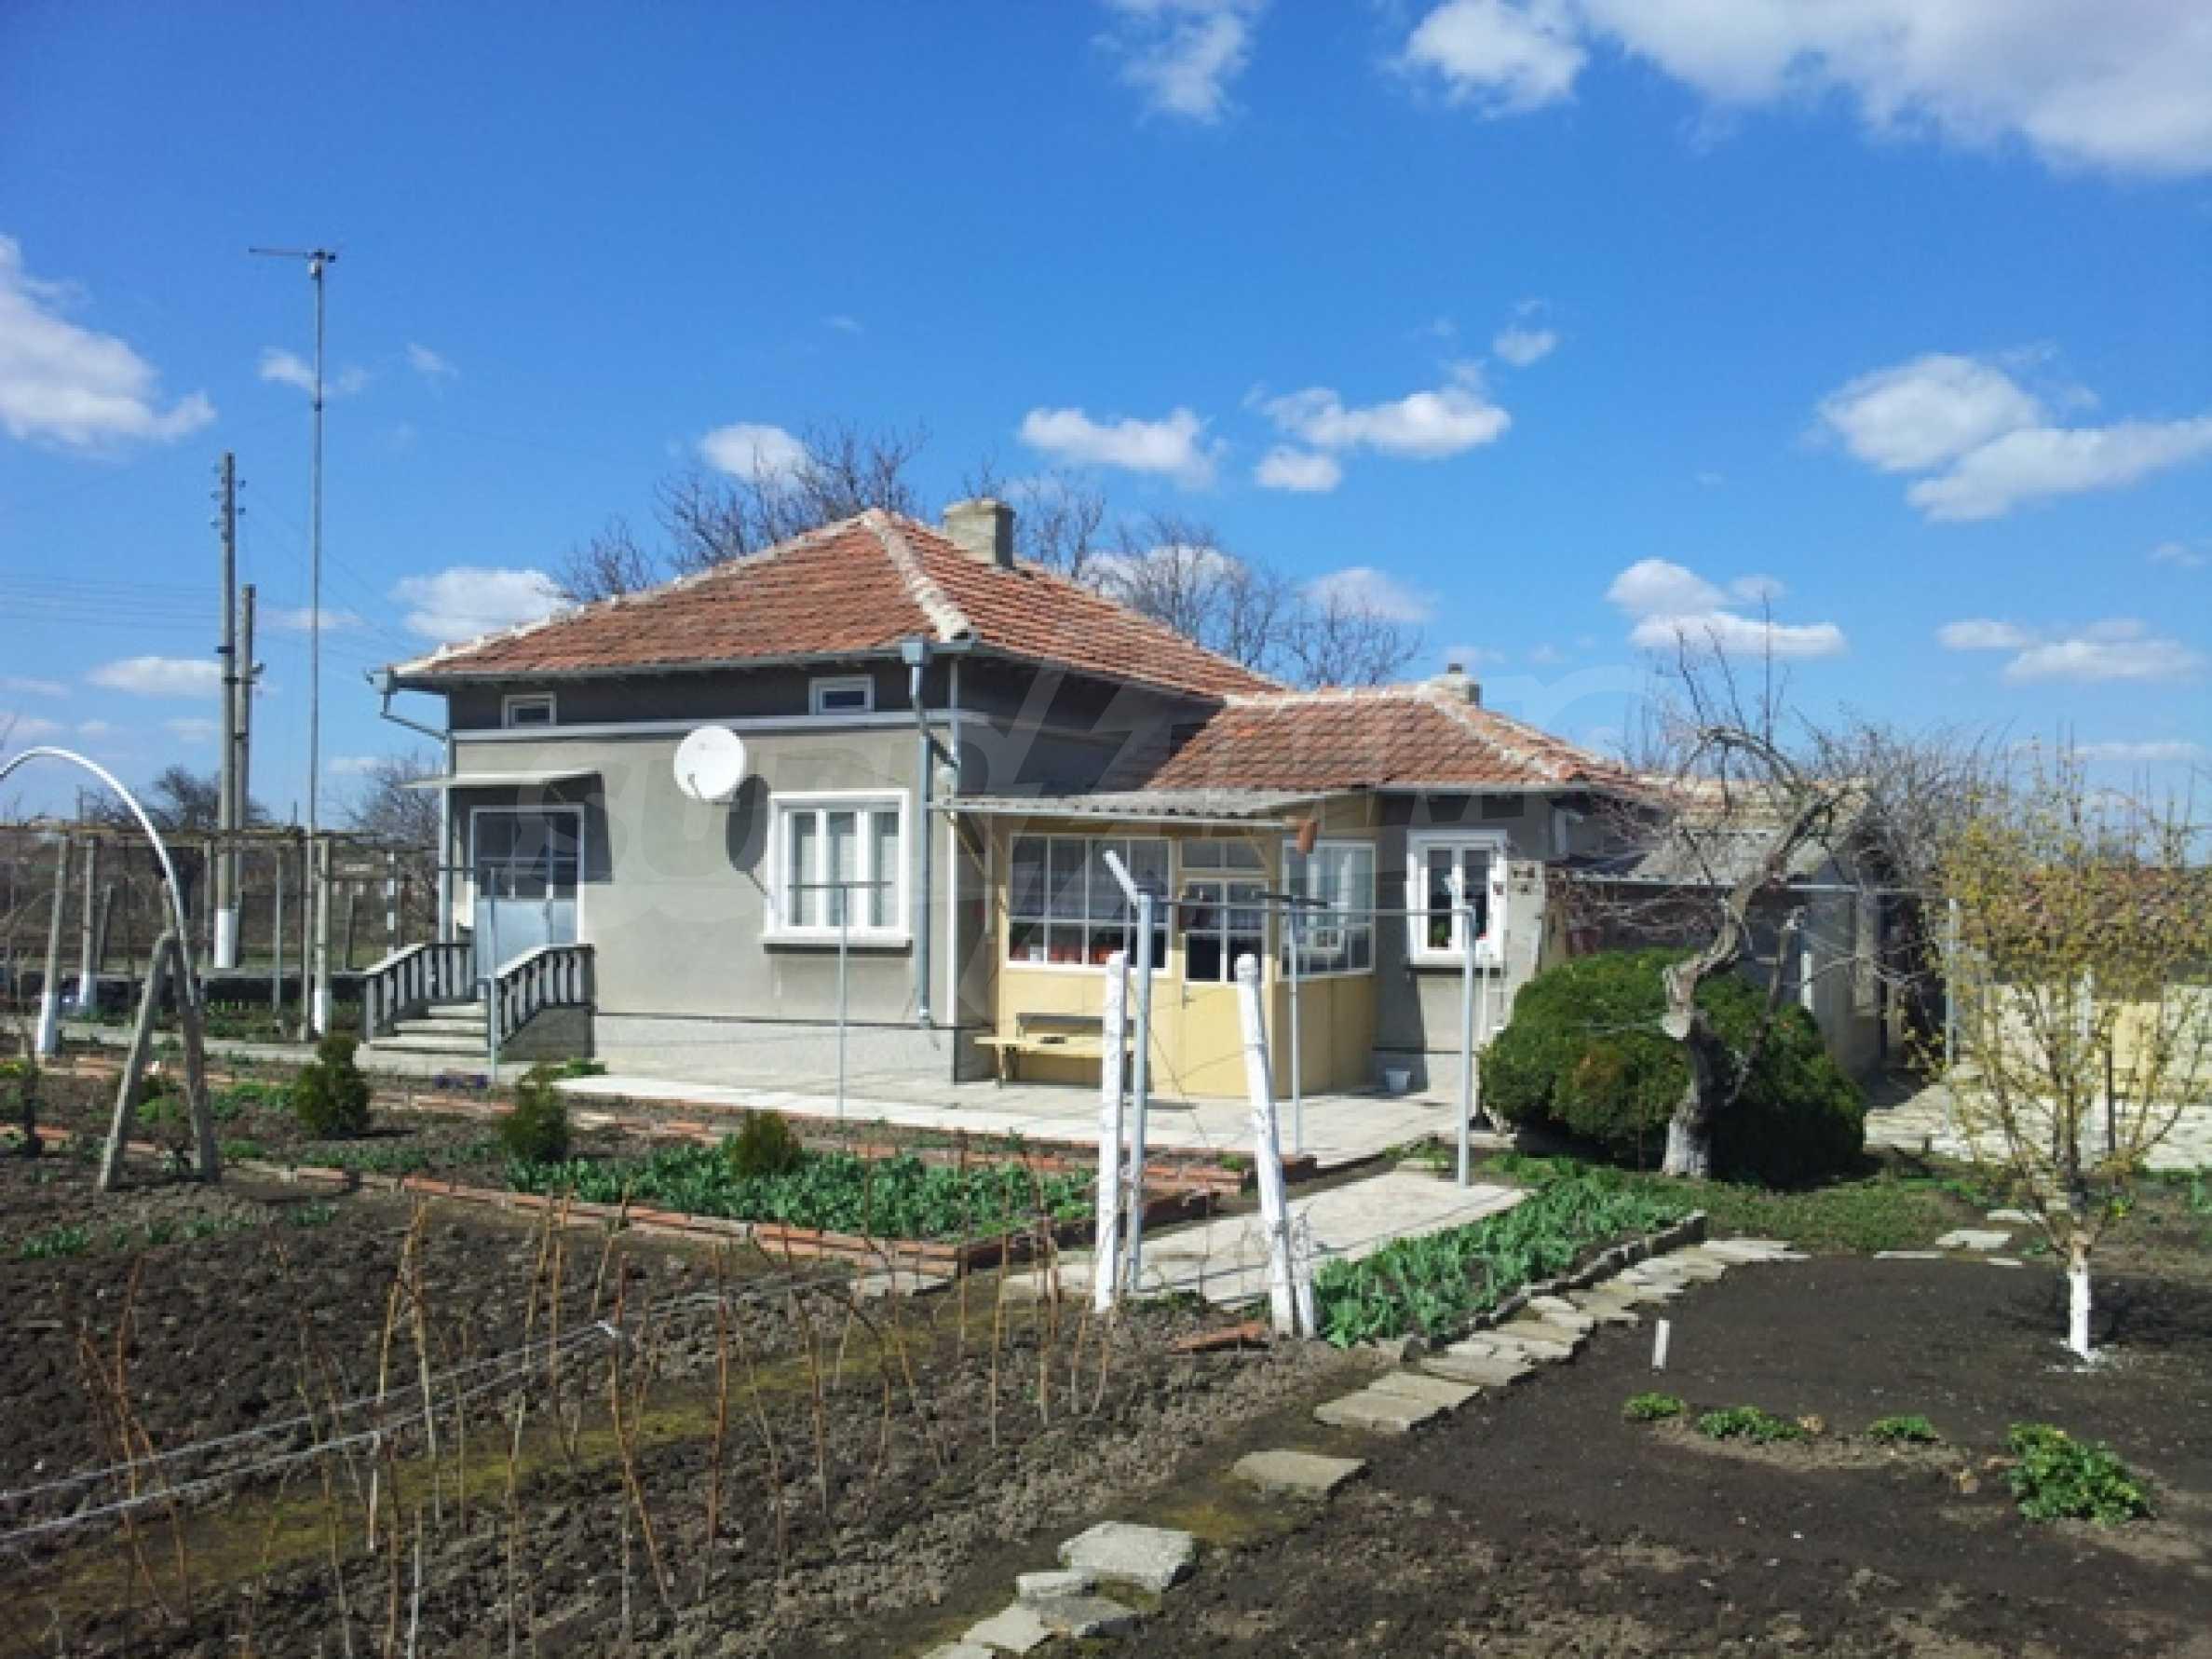 Pchelarovo House